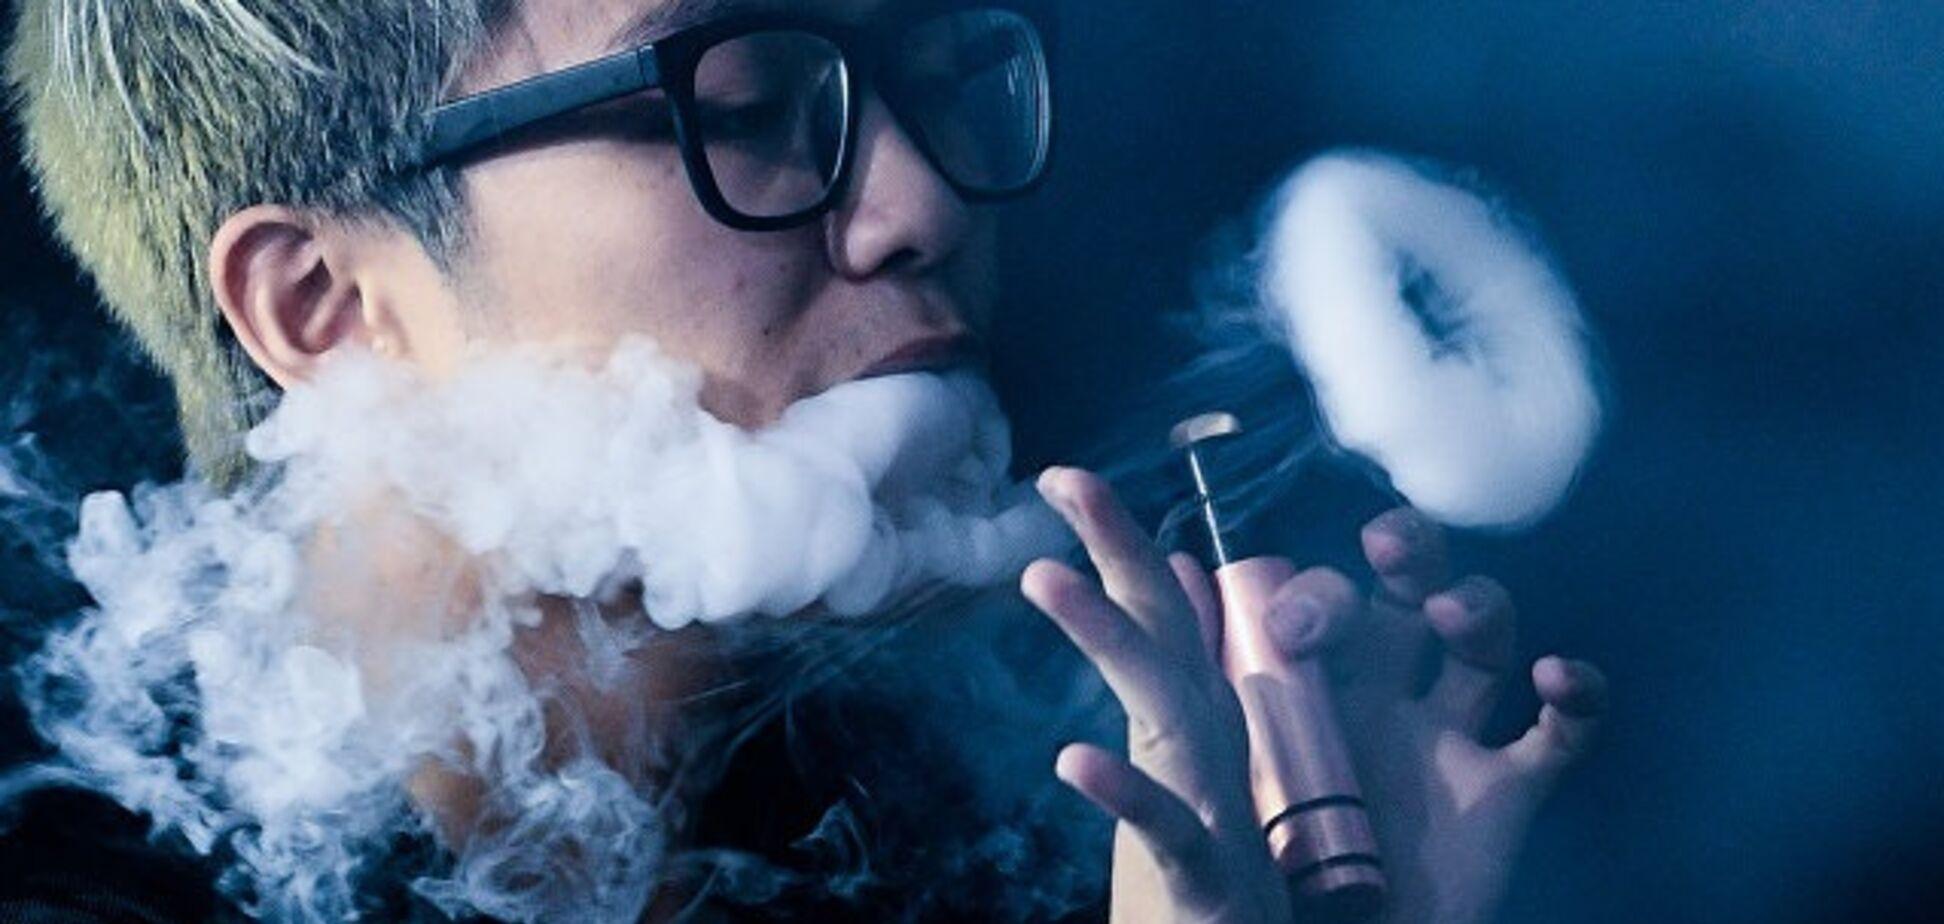 Вчені довели смертельний вплив електронних сигарет